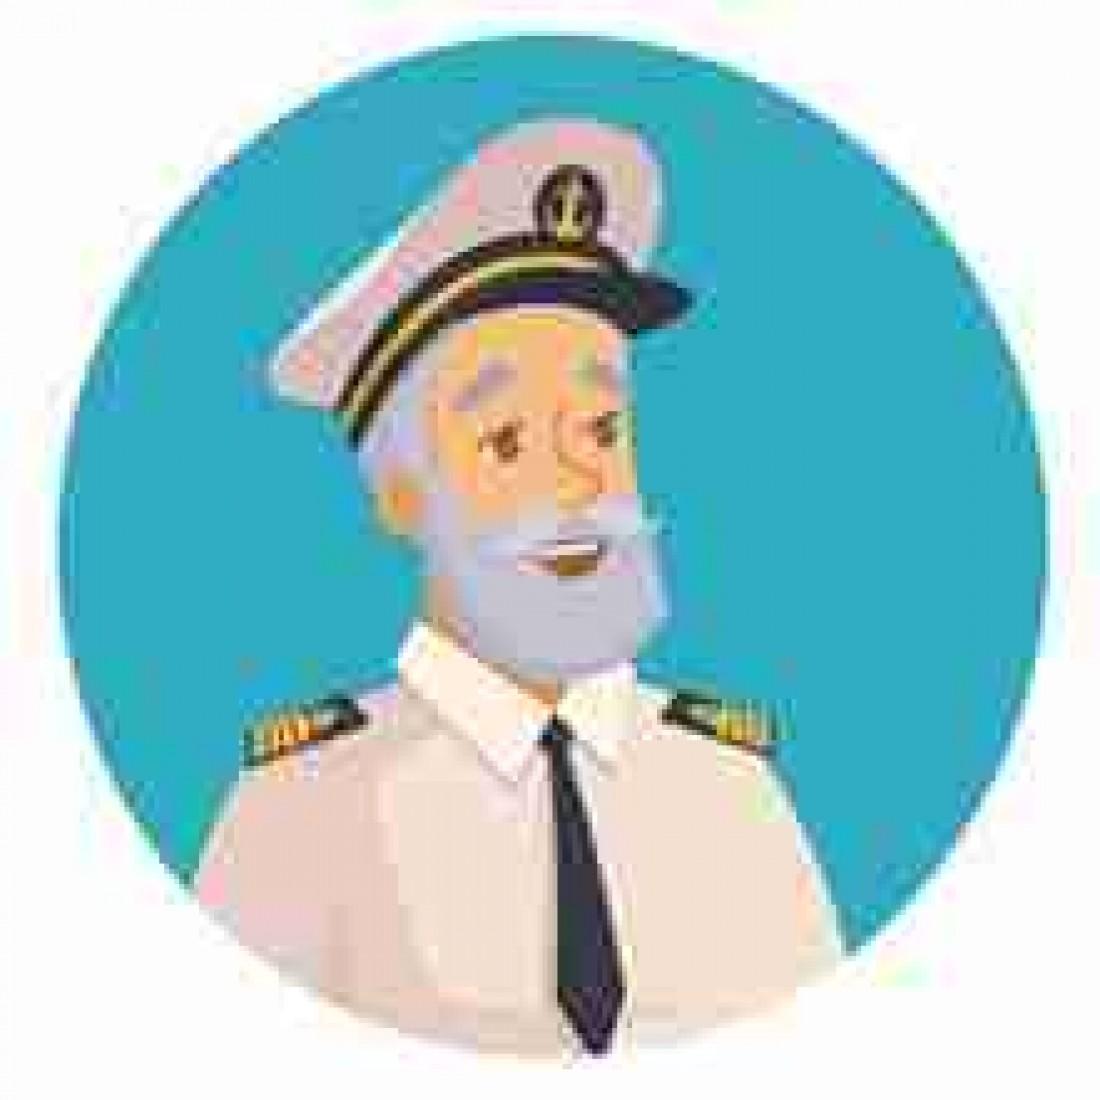 استخدام کاپیتان زیر 500